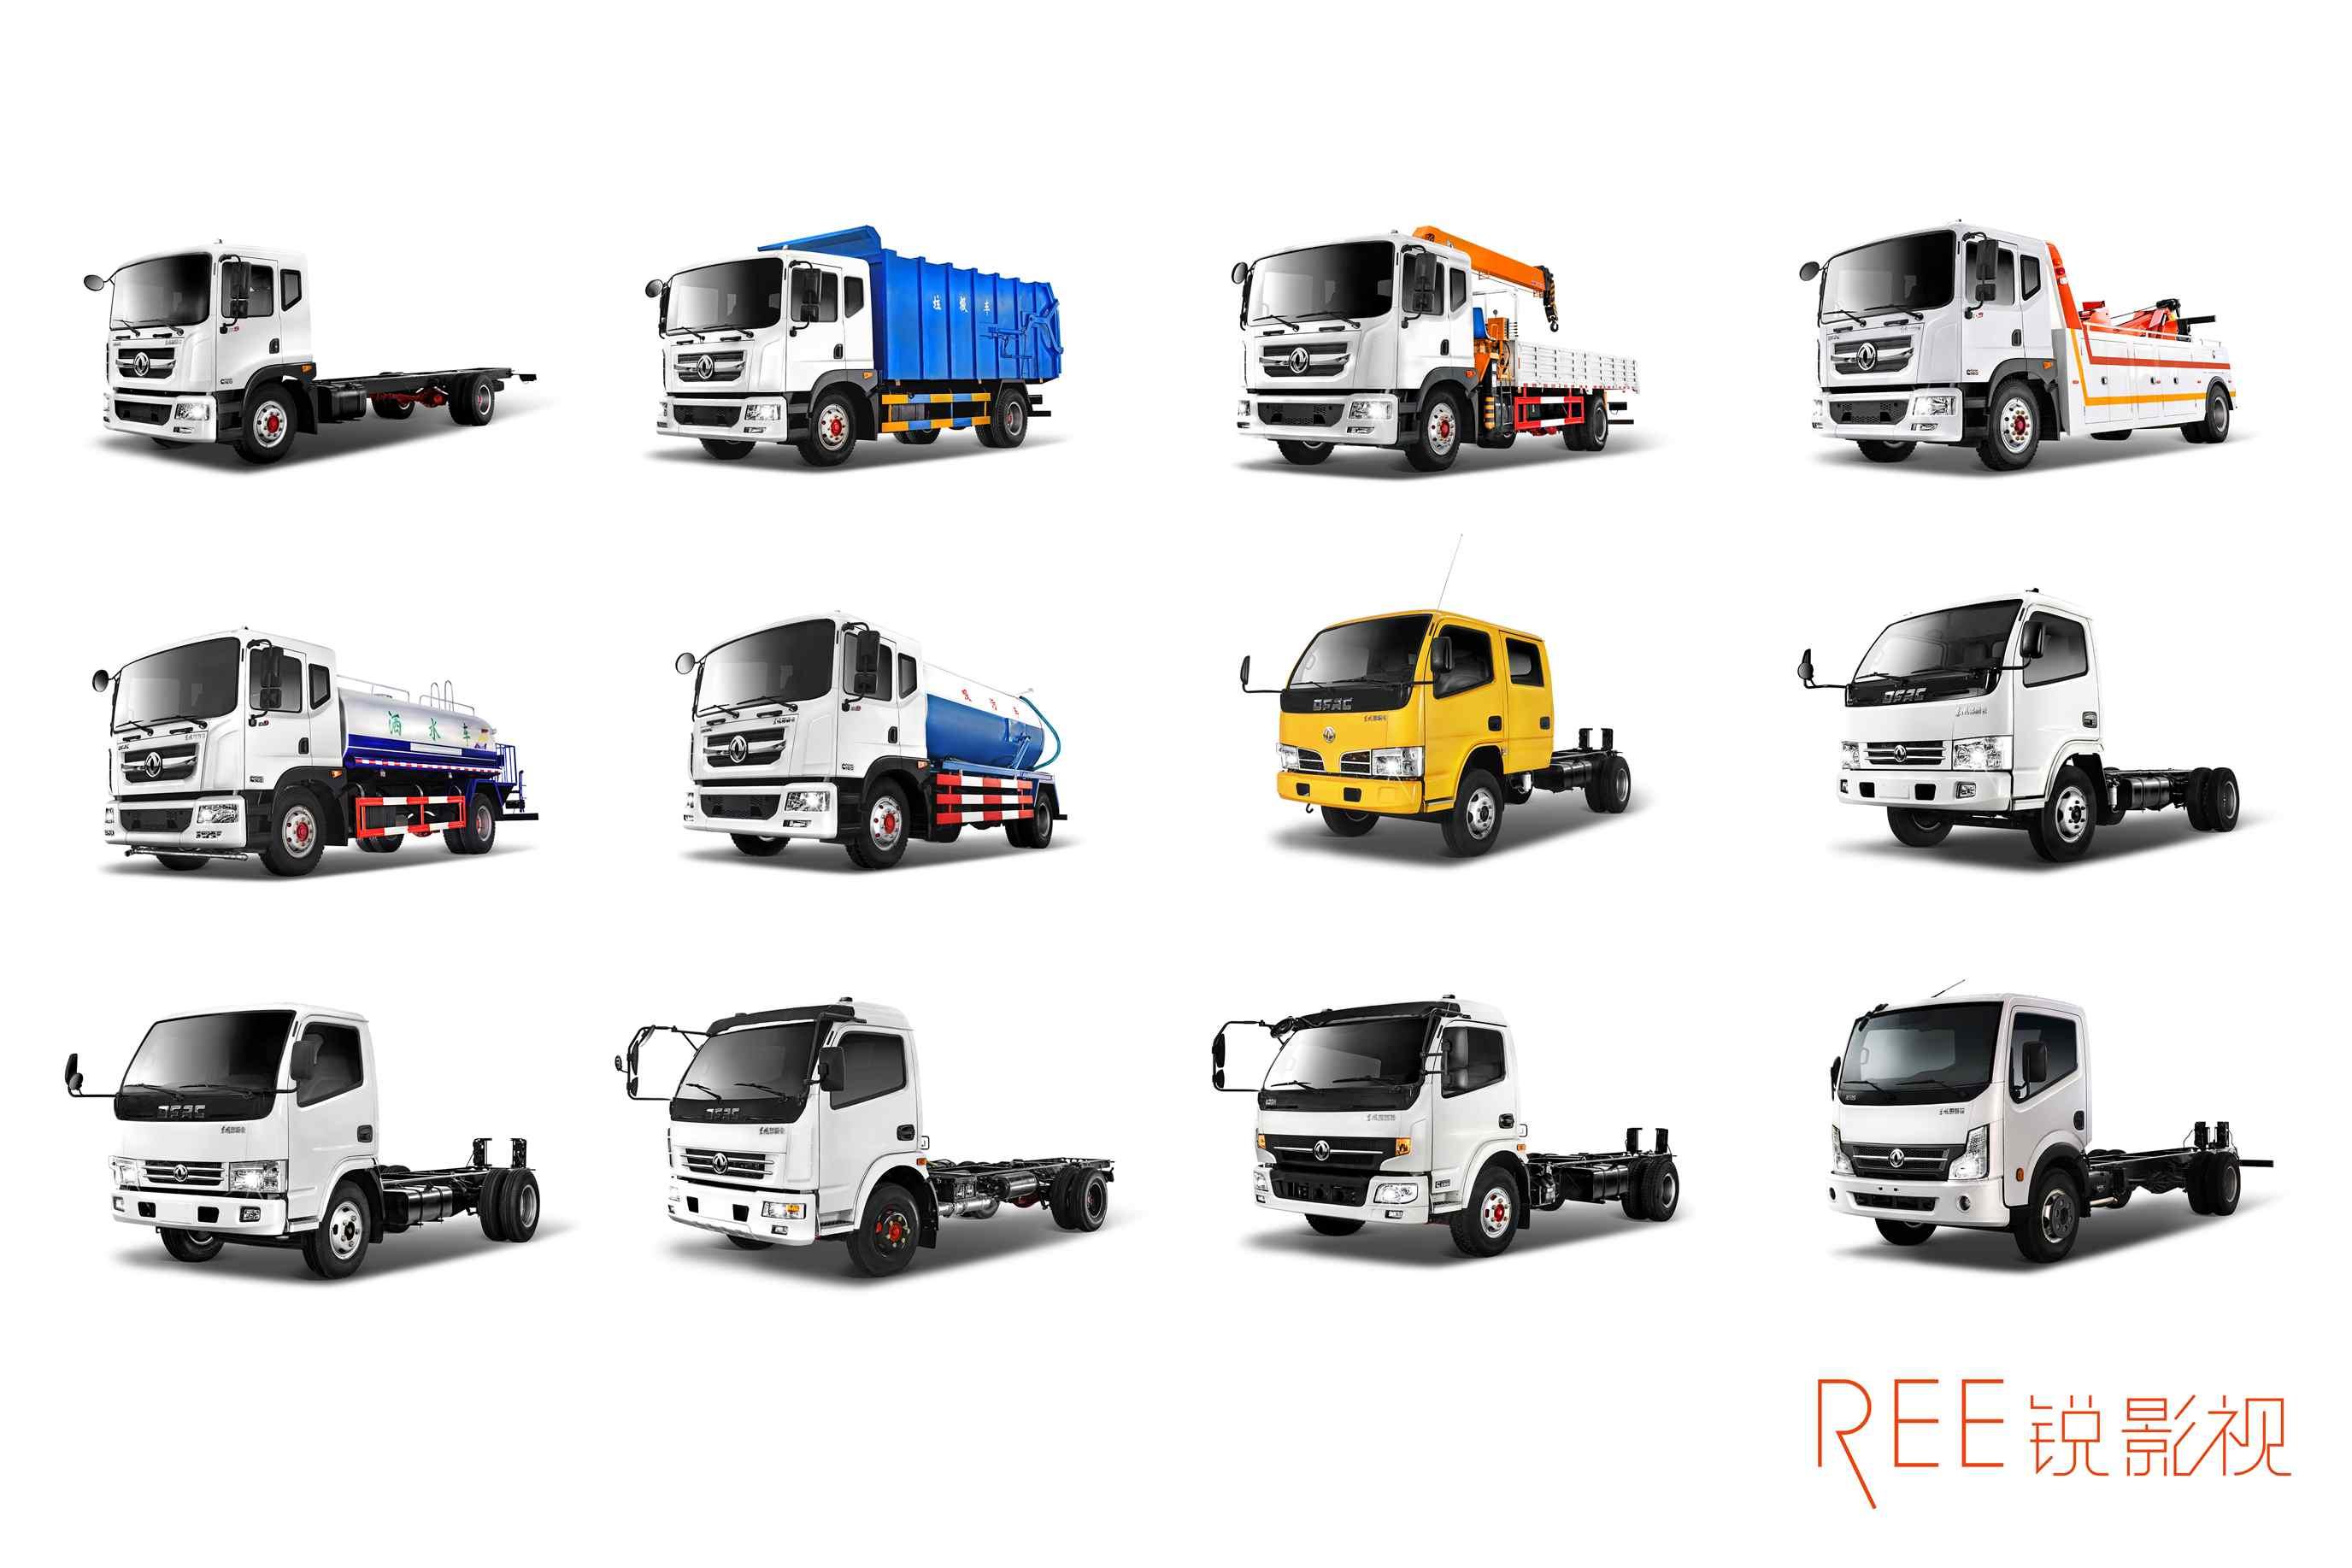 东风汽车广告图片拍摄